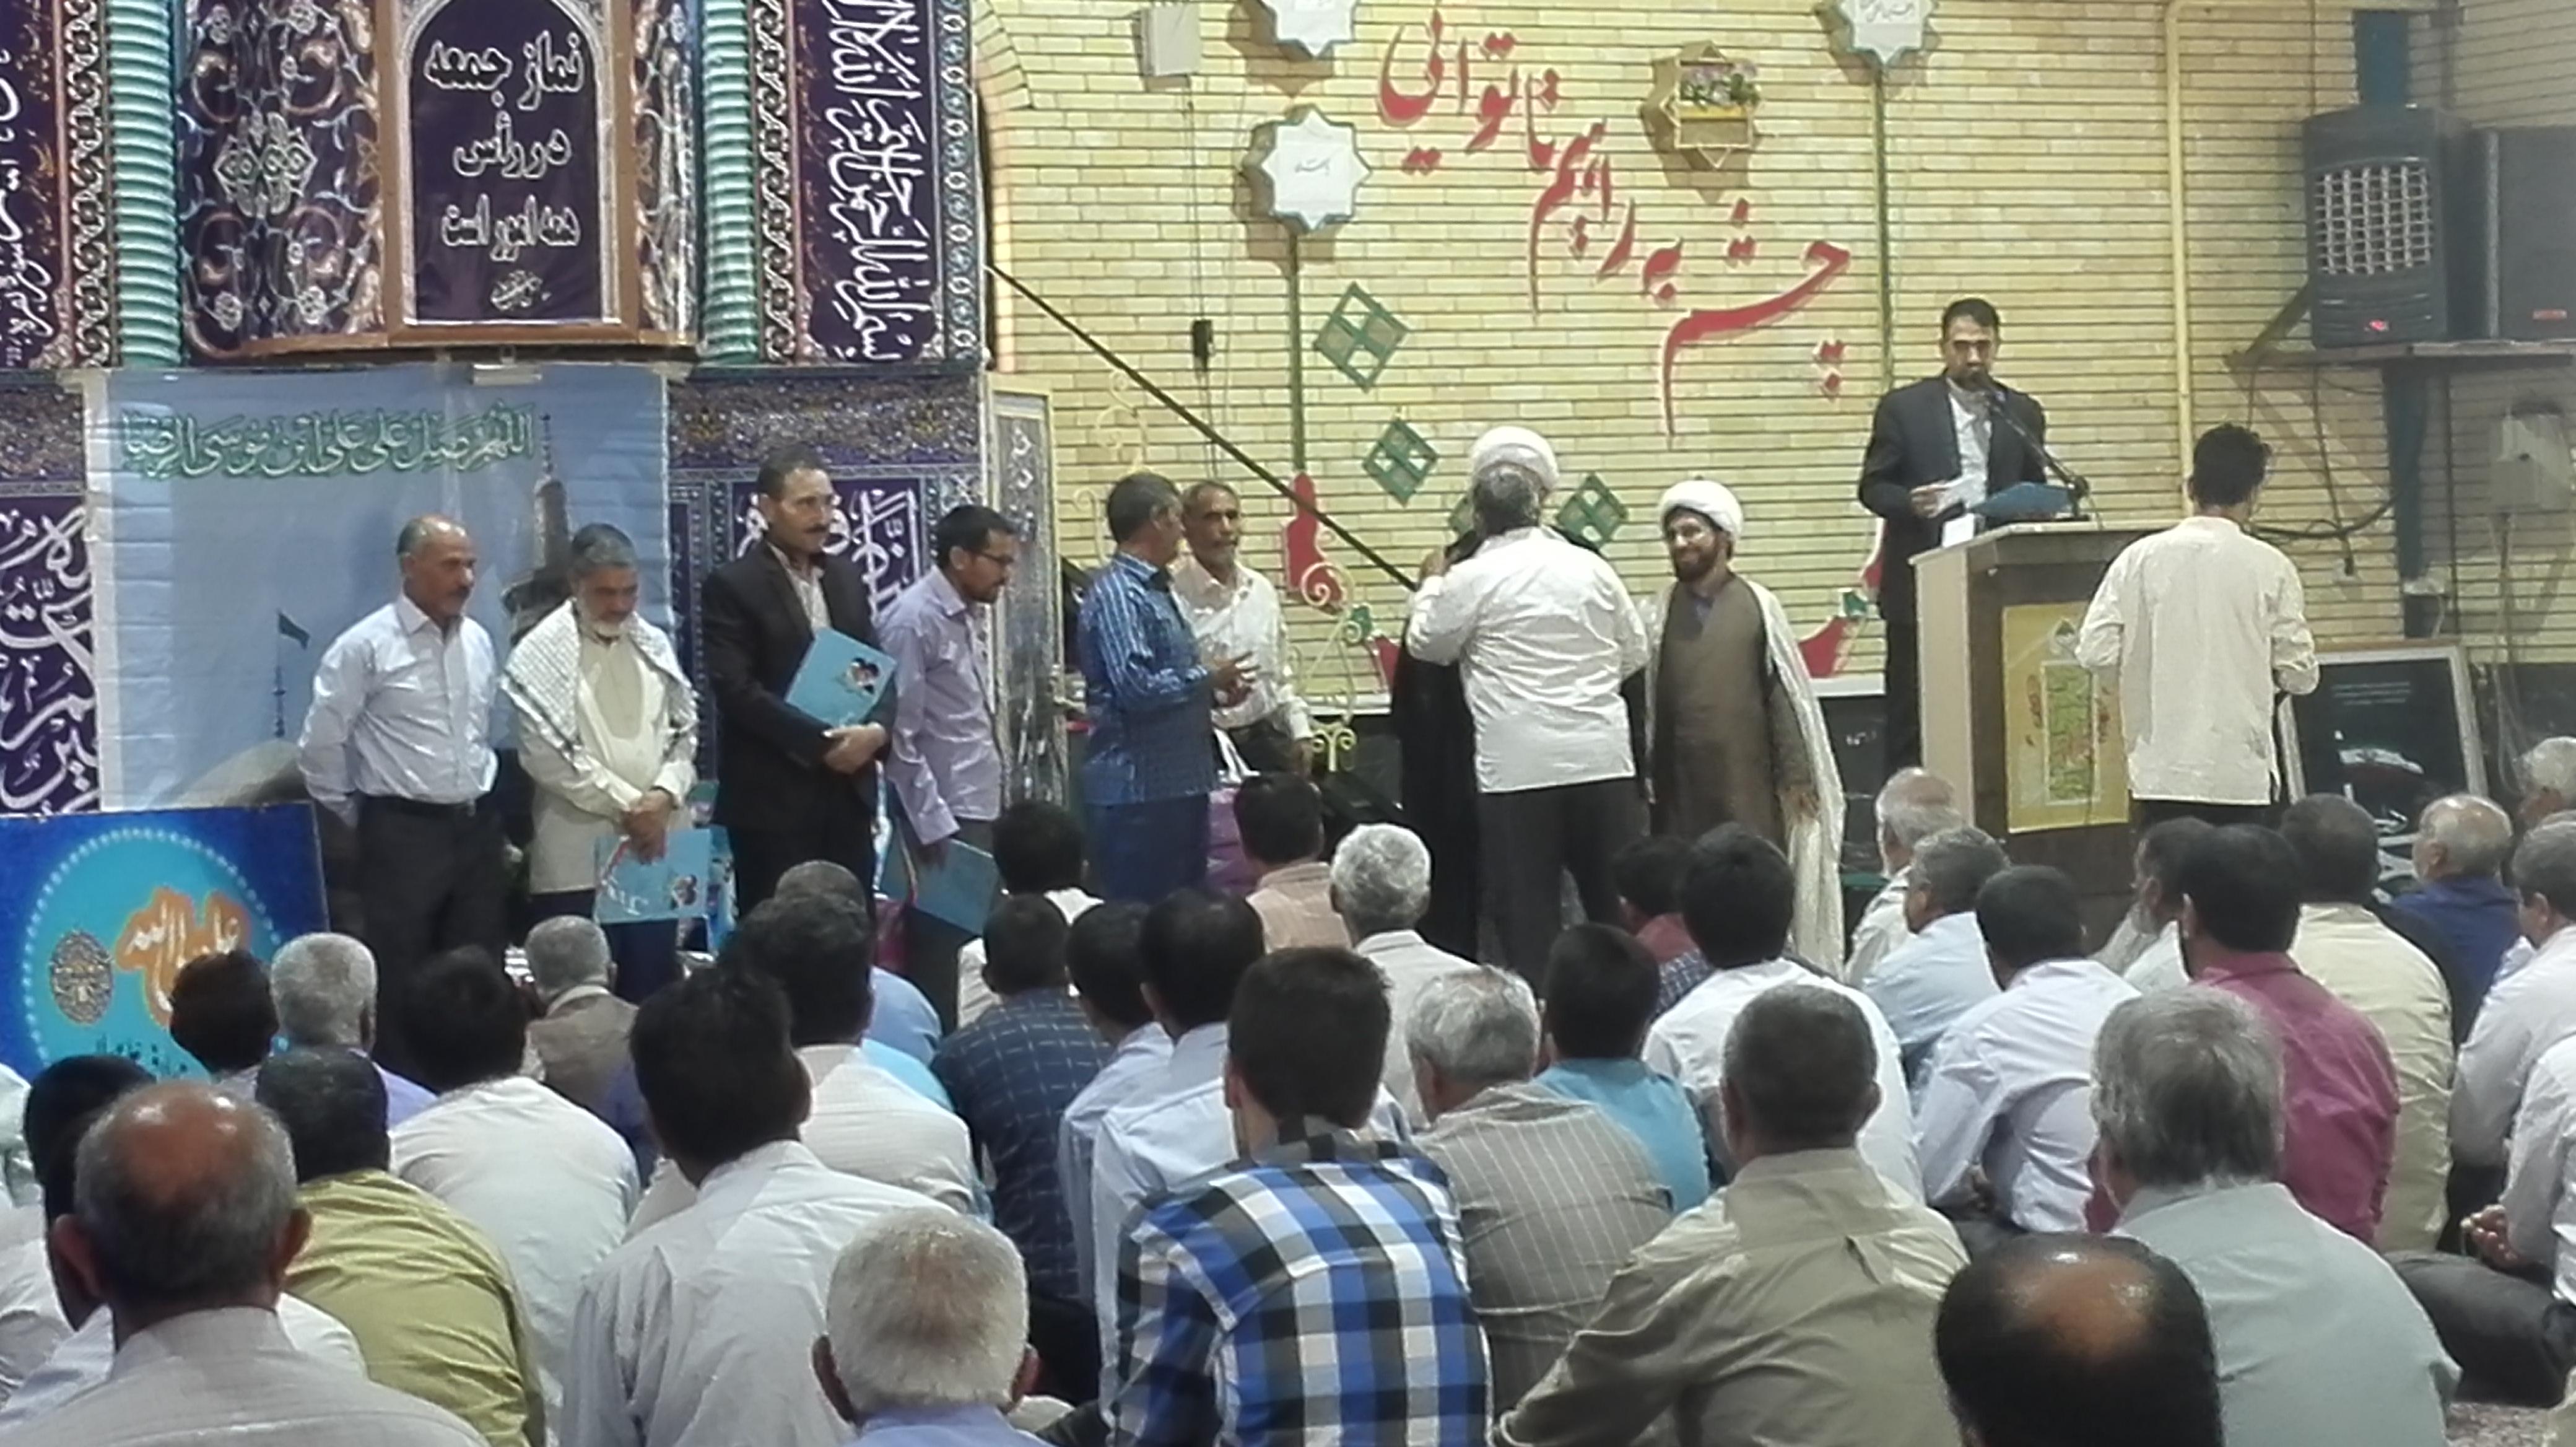 تجلیل از آزادگان و ایثارگران در رابر /تصاویر